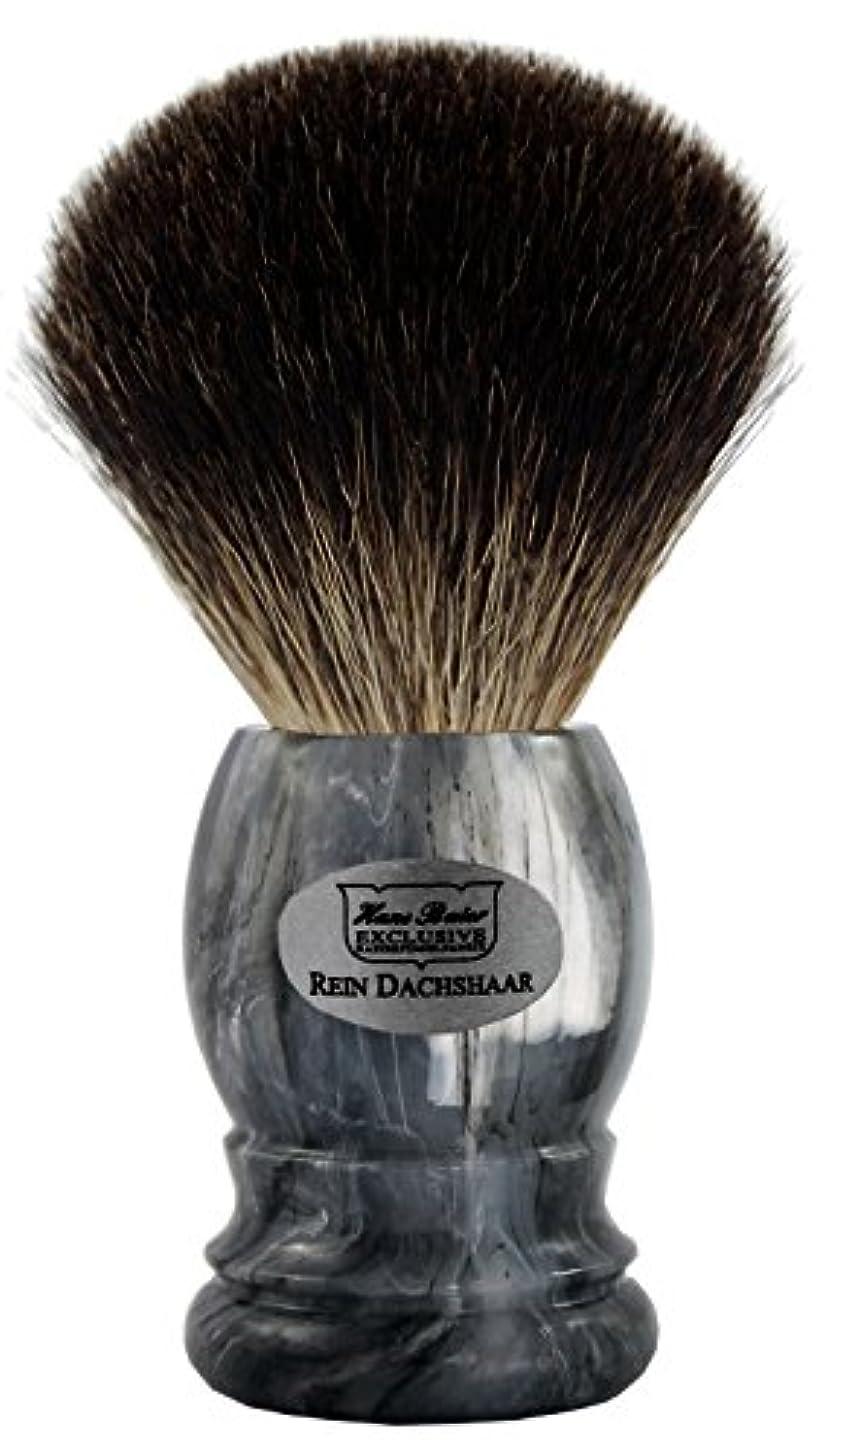 祝う朝の体操をするライセンスShaving brush grey badger, grey handle - Hans Baier Exclusive